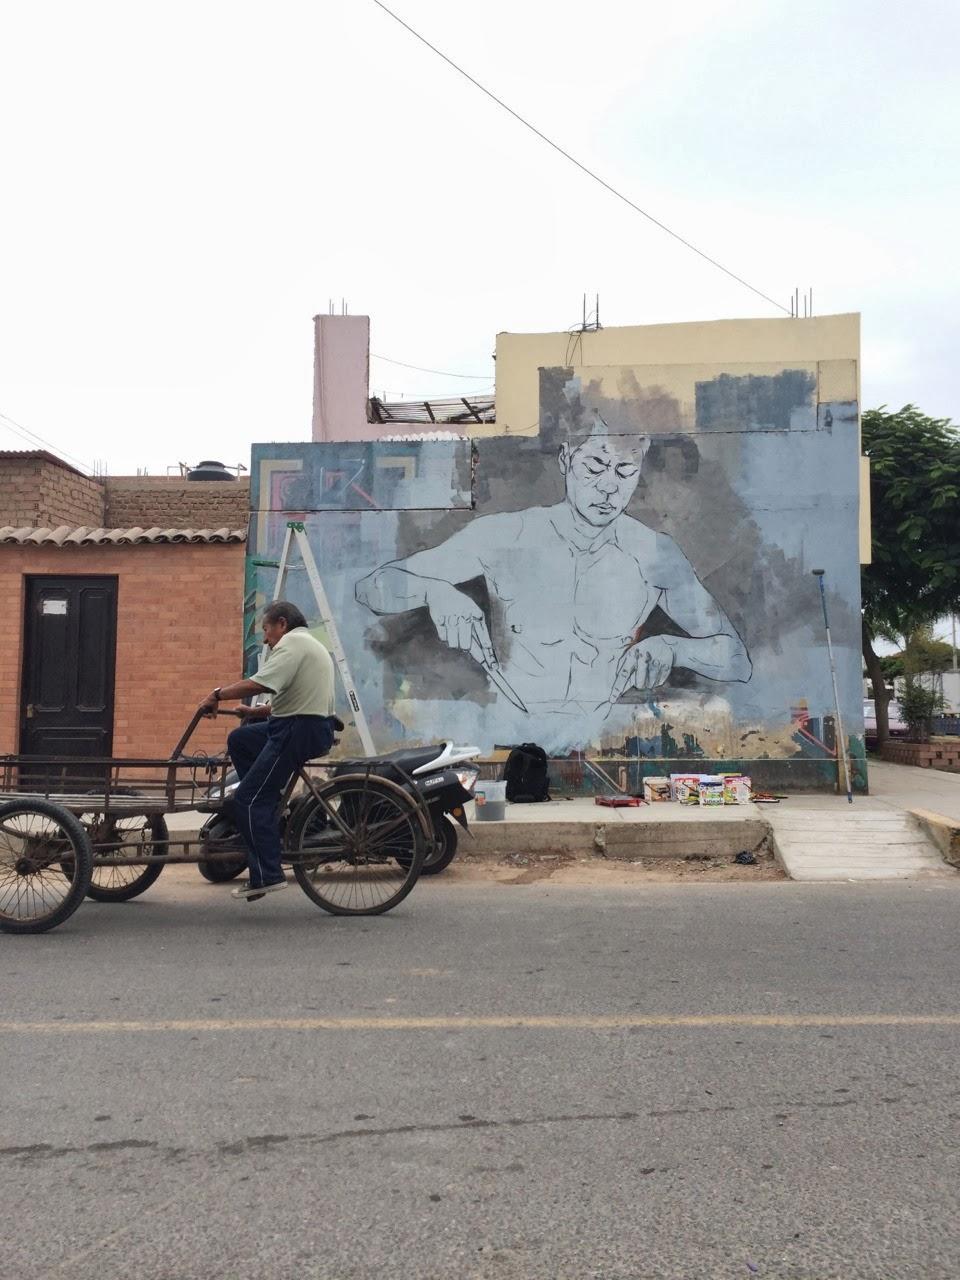 evoca1-loosing-hope-new-mural-in-chorrillos-lima-03